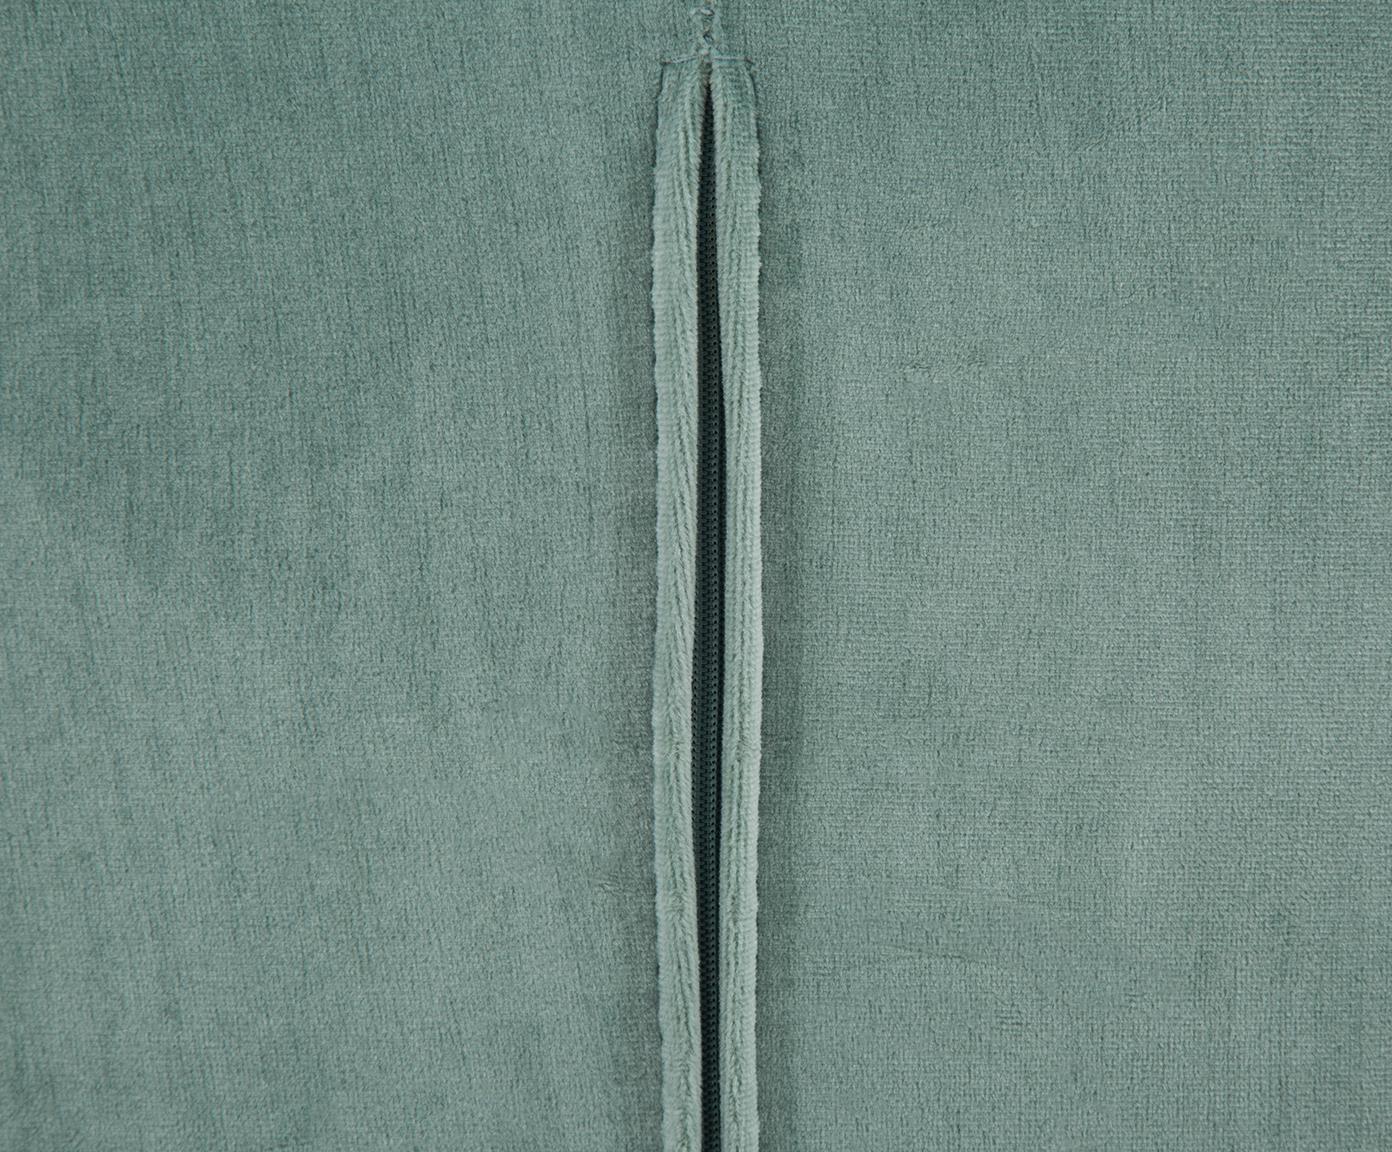 Fotel koktajlowy z aksamitu Olivia, Tapicerka: aksamit (poliester) 5000, Aksamitny szałwiowy zielony, S 70 x G 70 cm